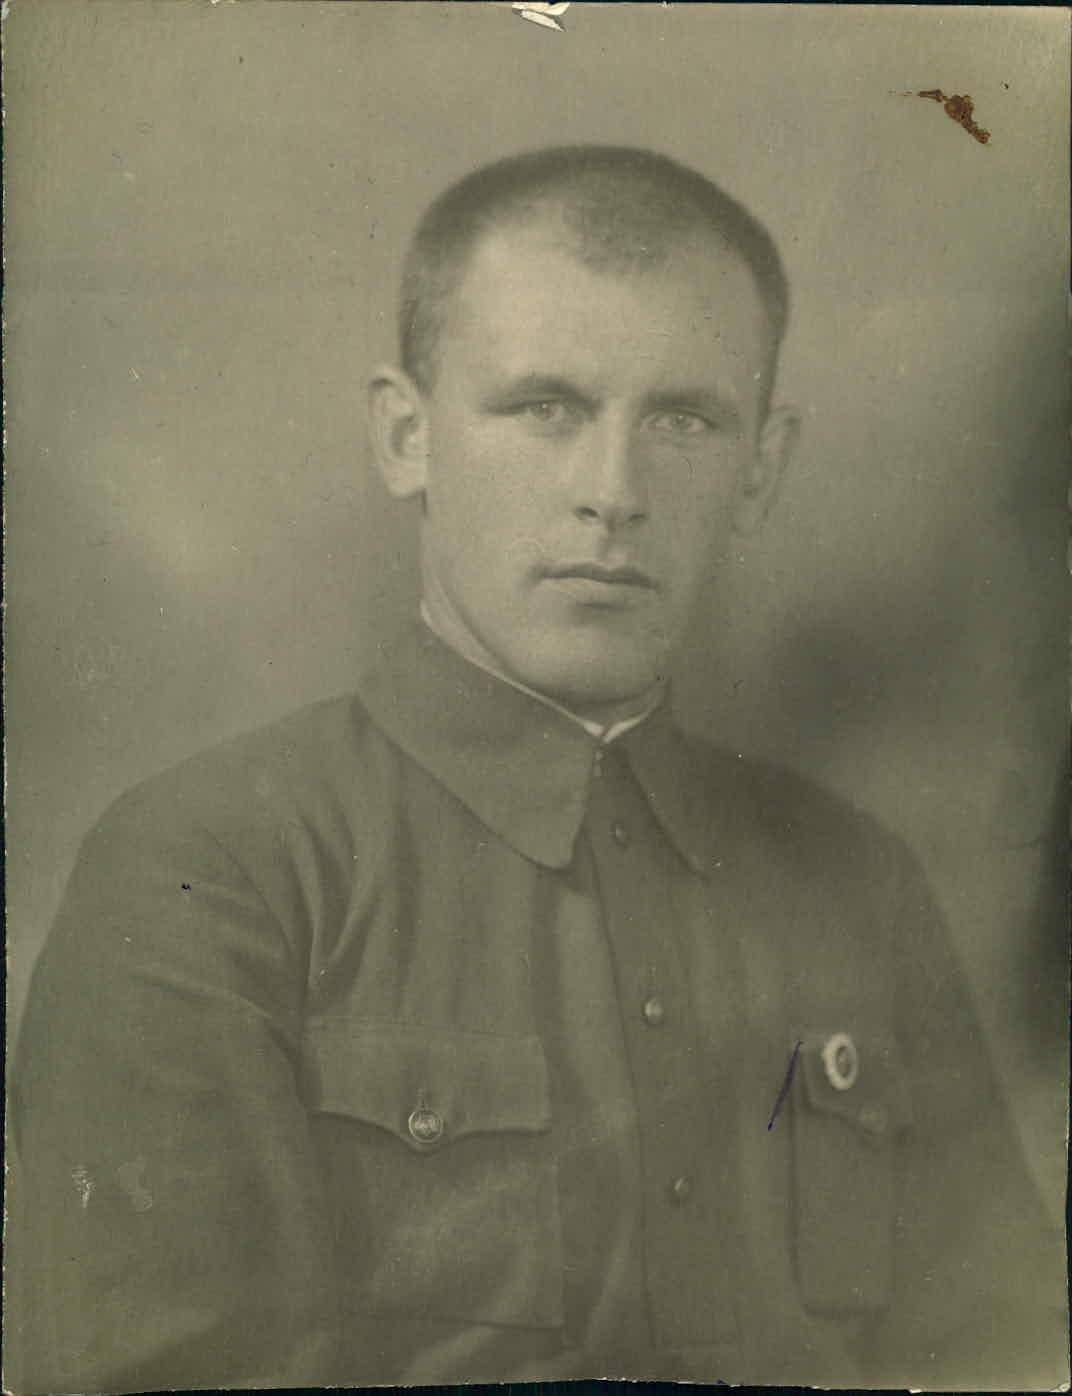 Бабичев Петр Иванович. Фото из фондов Отраслевого государственного архива СБУ